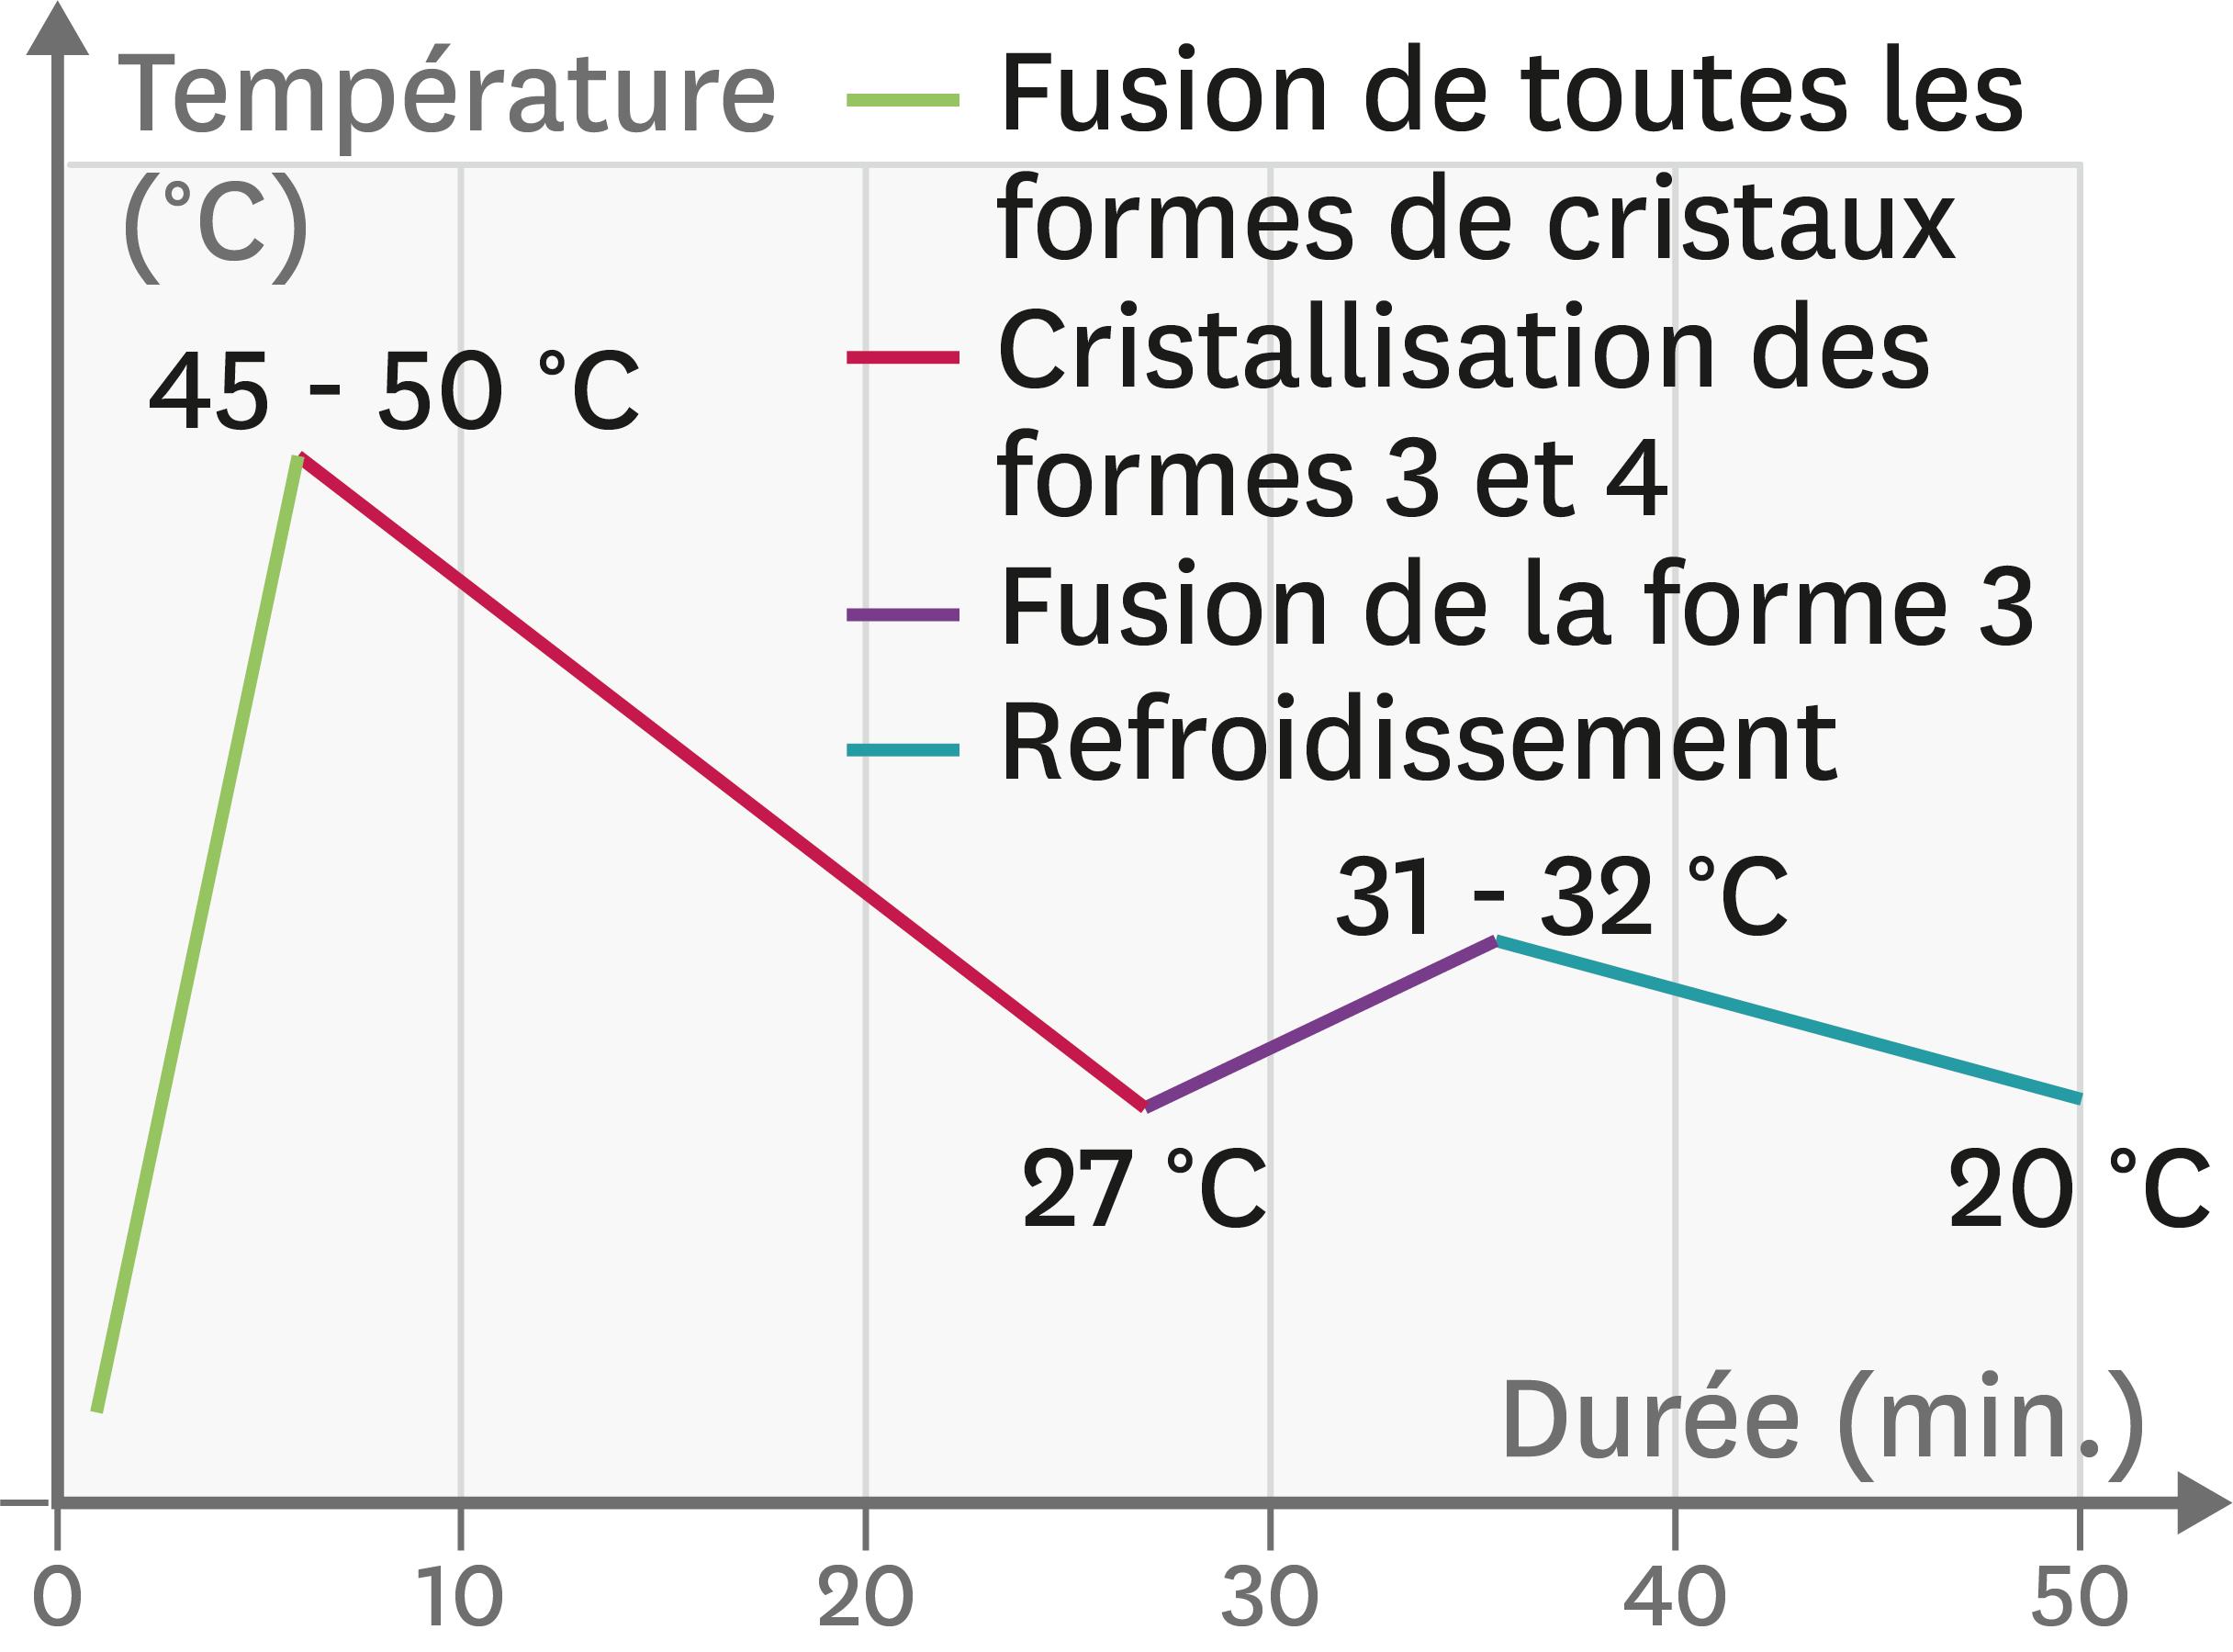 <stamp theme='pc-green1'>Doc. 2</stamp> Courbe de température à suivre pour sélectionner les cristaux de forme 4.